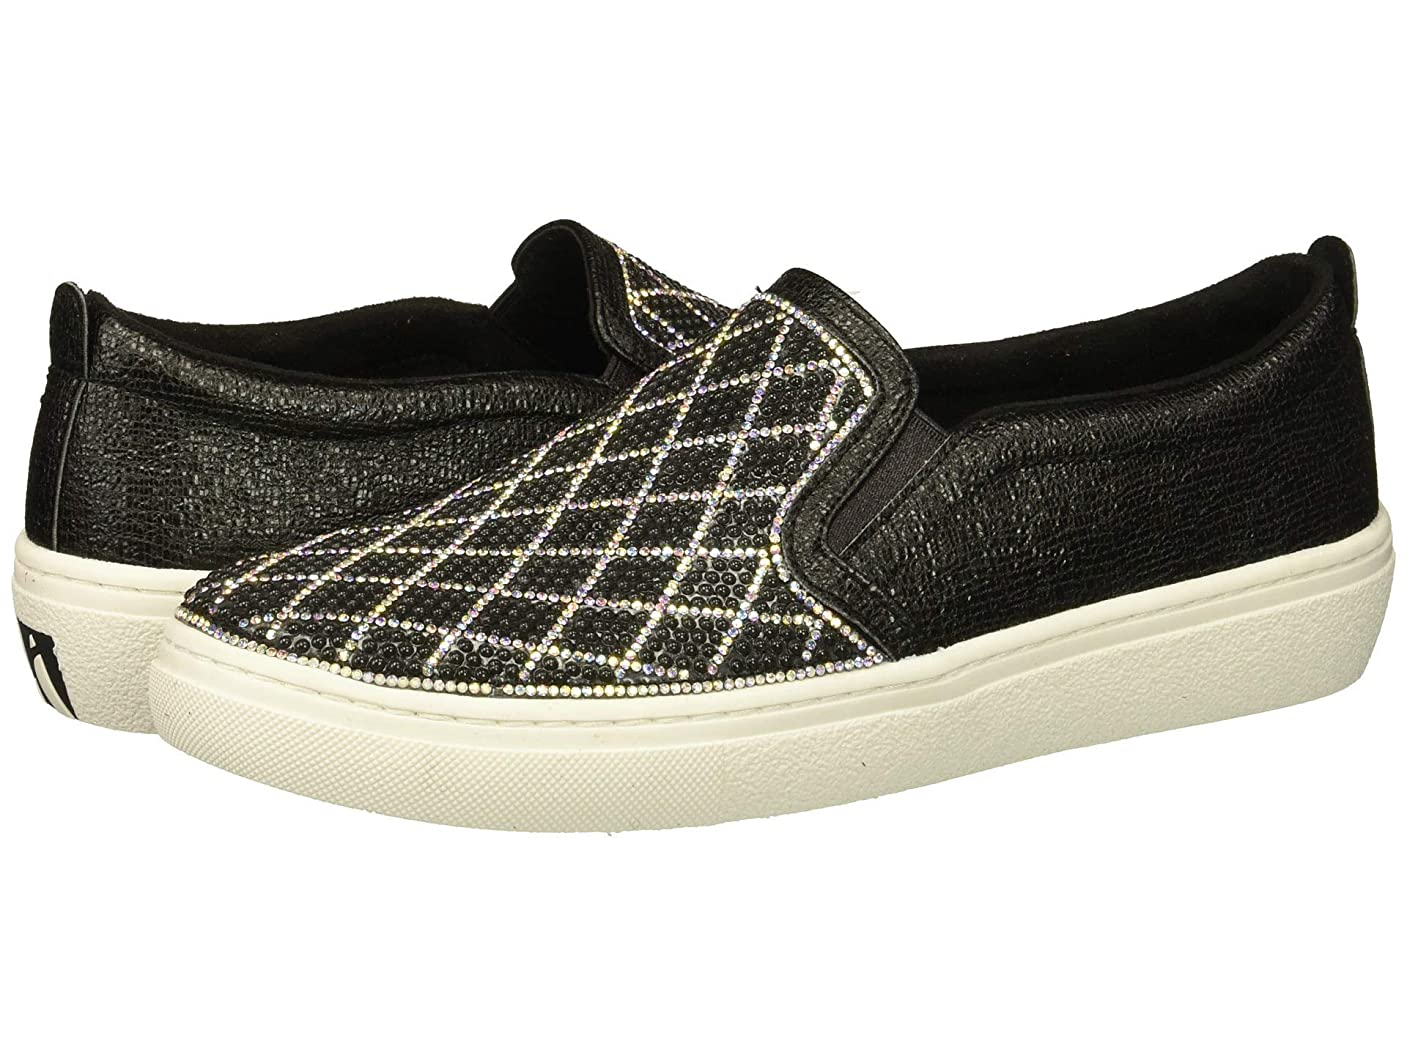 大量忘れっぽい窓レディーススニーカー?ウォーキングシューズ?靴 Goldie - Diamond Darling Black/Silver 5.5 (22.5cm) B [並行輸入品]